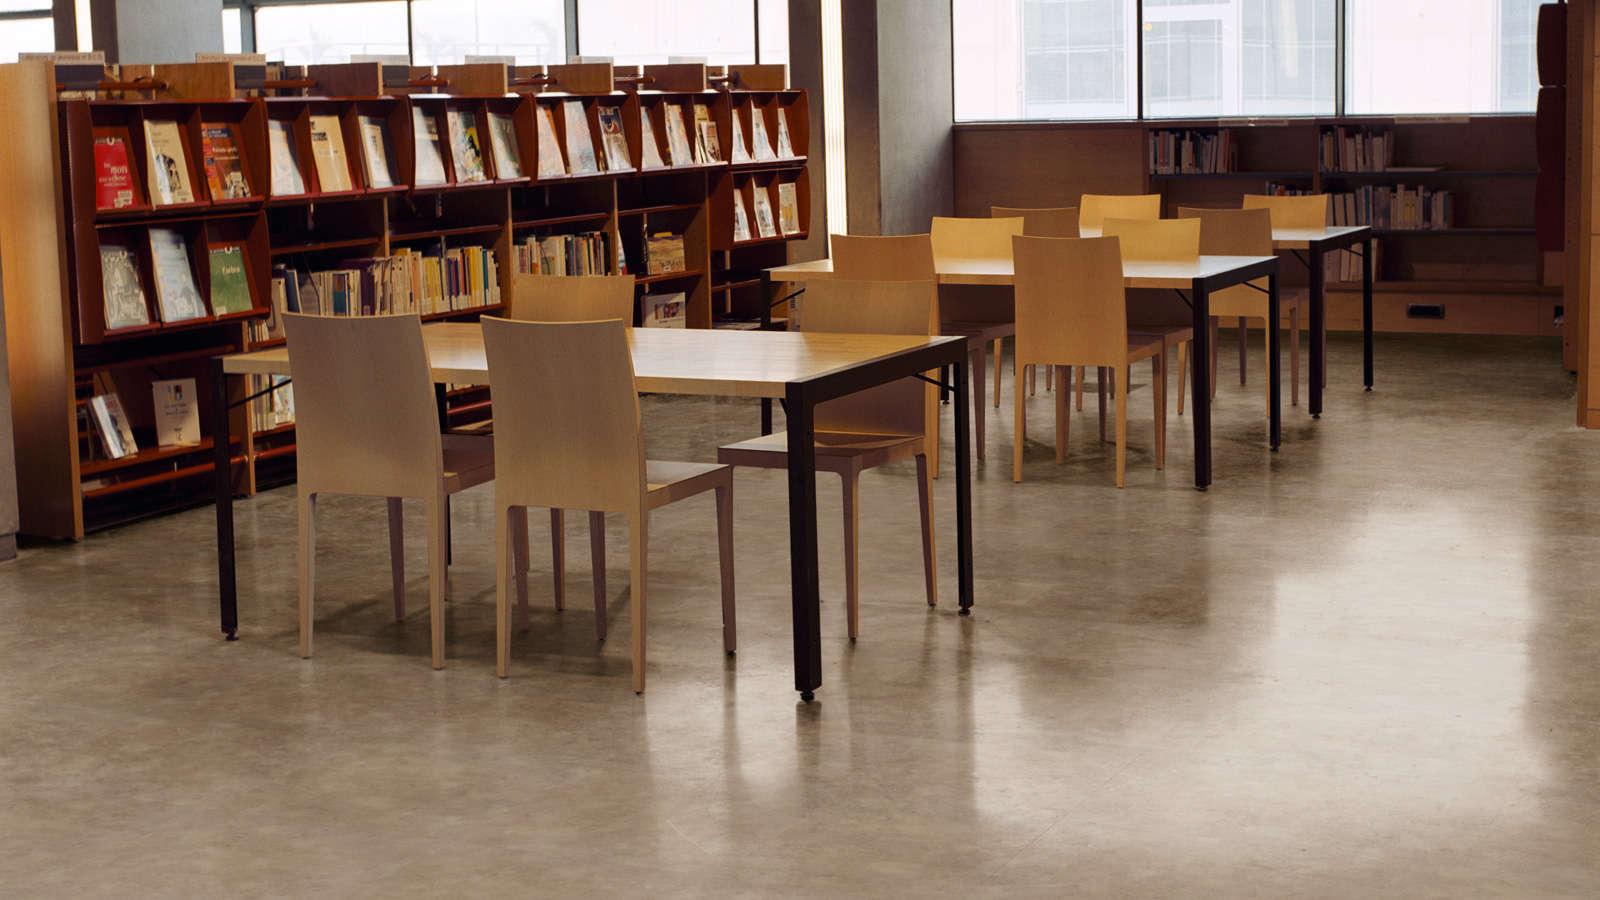 Gerflor vinil PVC podovi za biblioteke